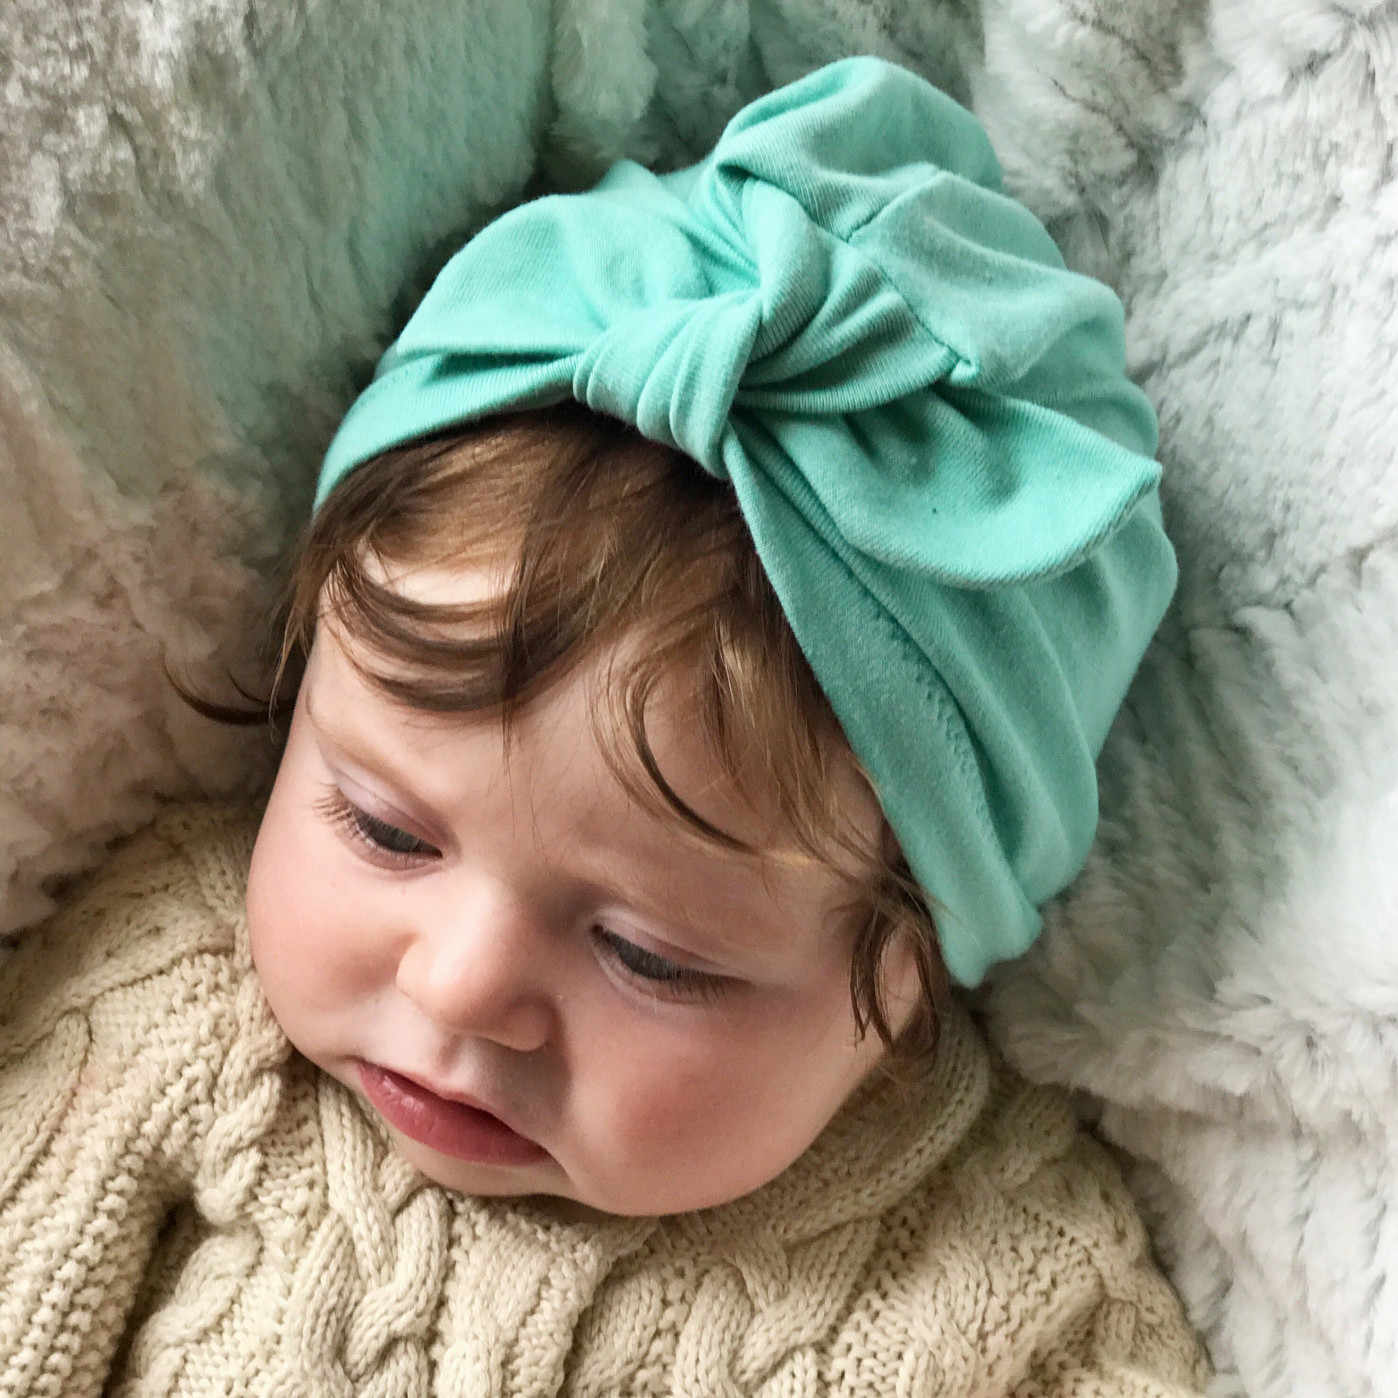 Bébé accessoires cheveux chapeaux bébé Turban chapeau enfants nouveau-né Beanie enfants bébé petite fille bébé bandeau fille diadème